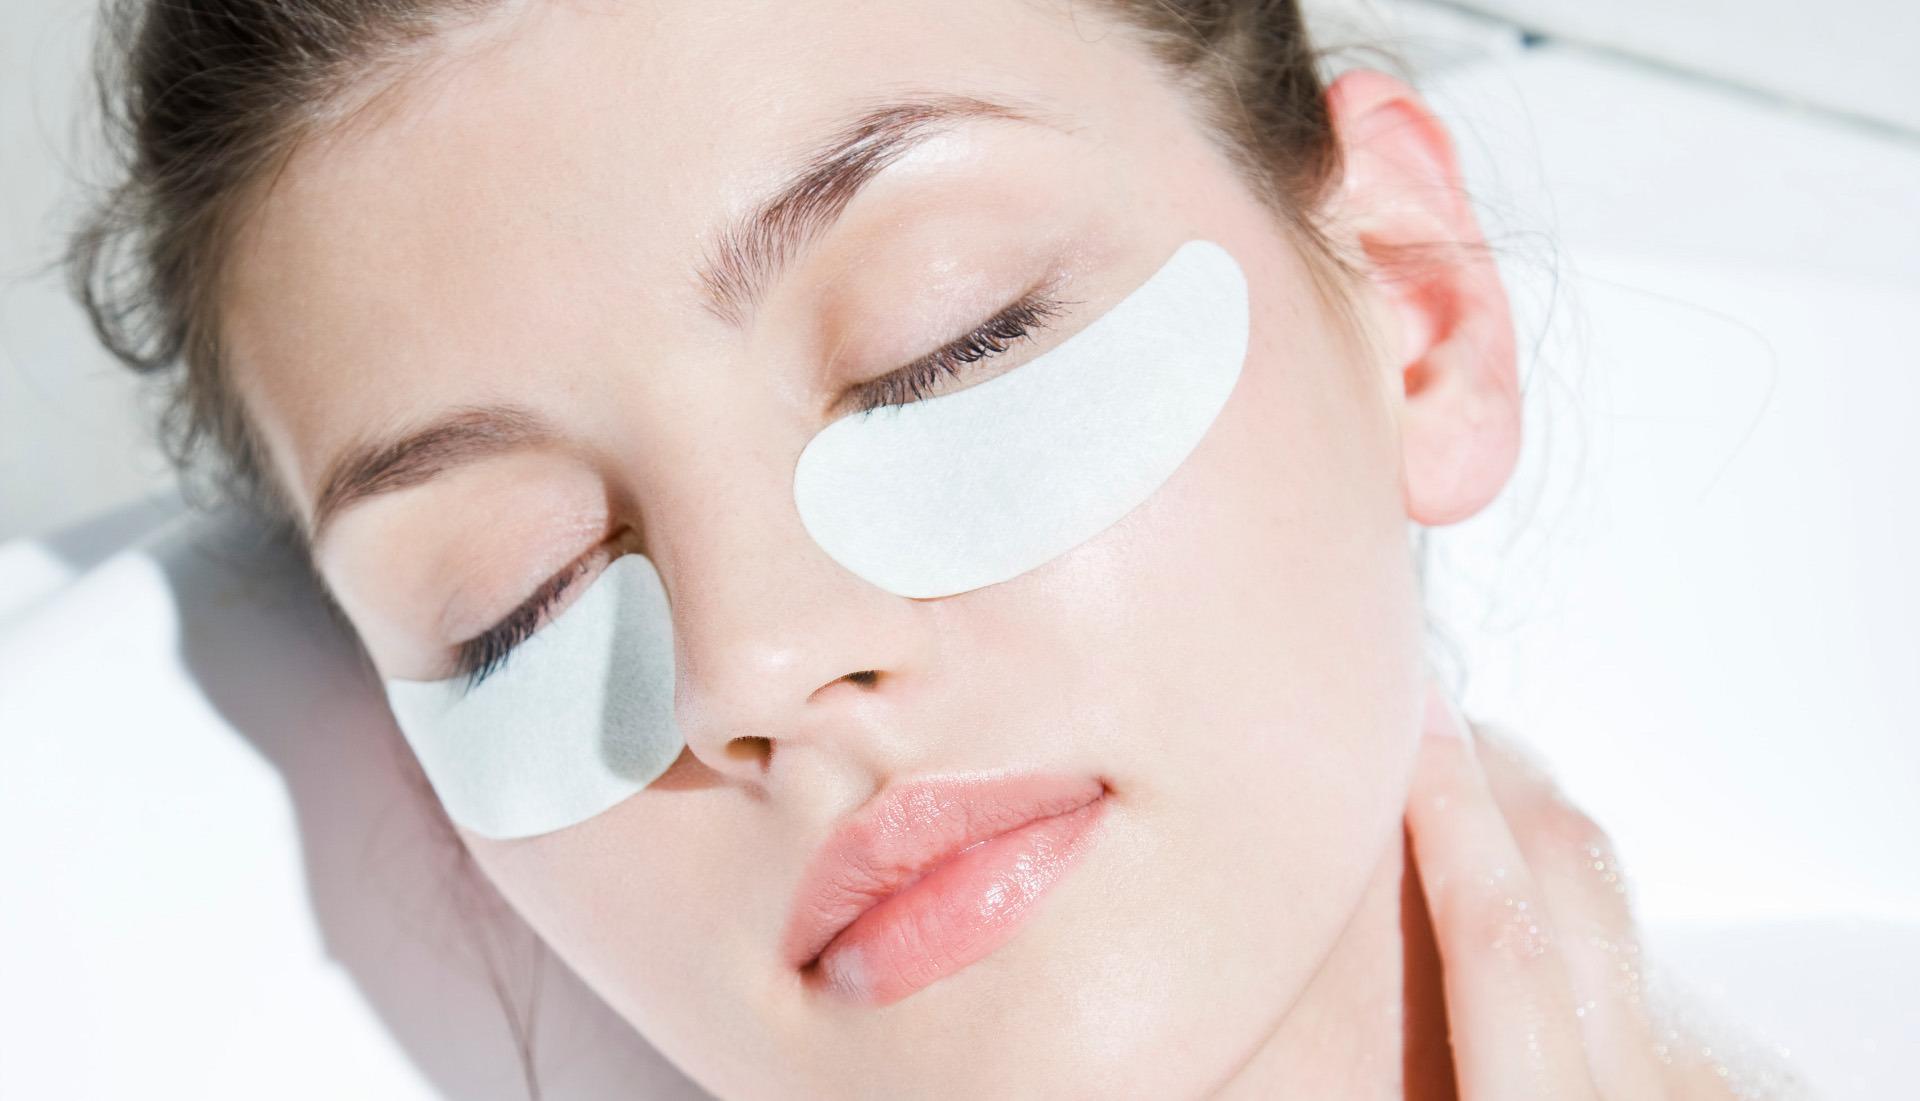 płatki kolagenowe zredukują cienie i opuchliznę pod oczami